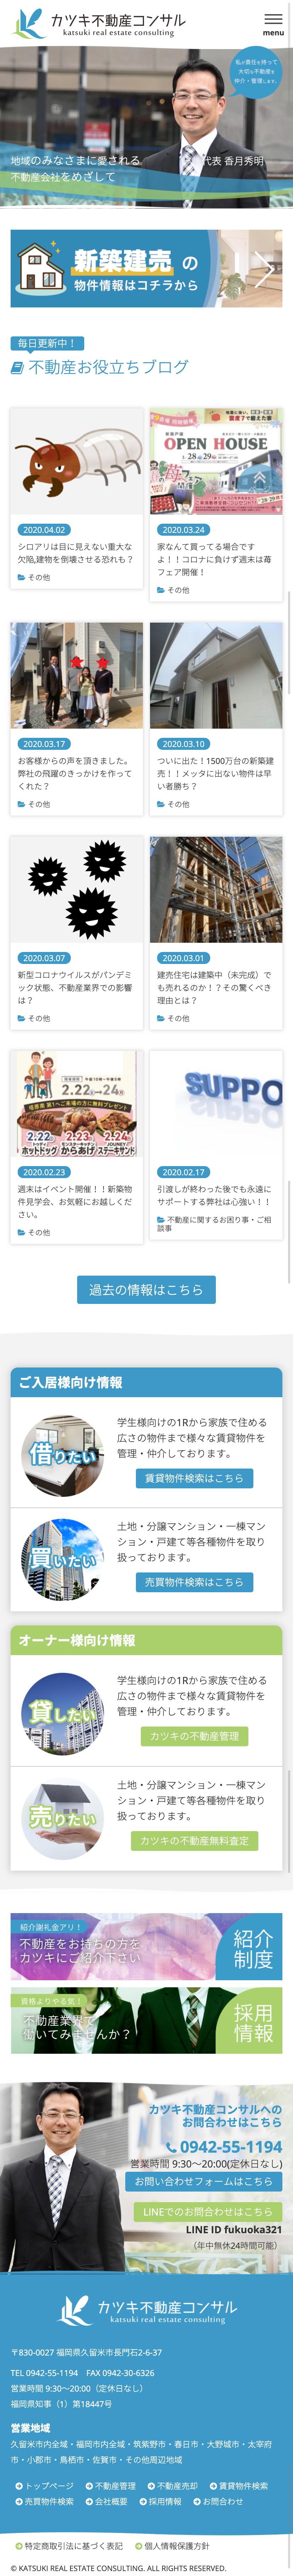 カツキ不動産コンサル様 ホームページ SP画像